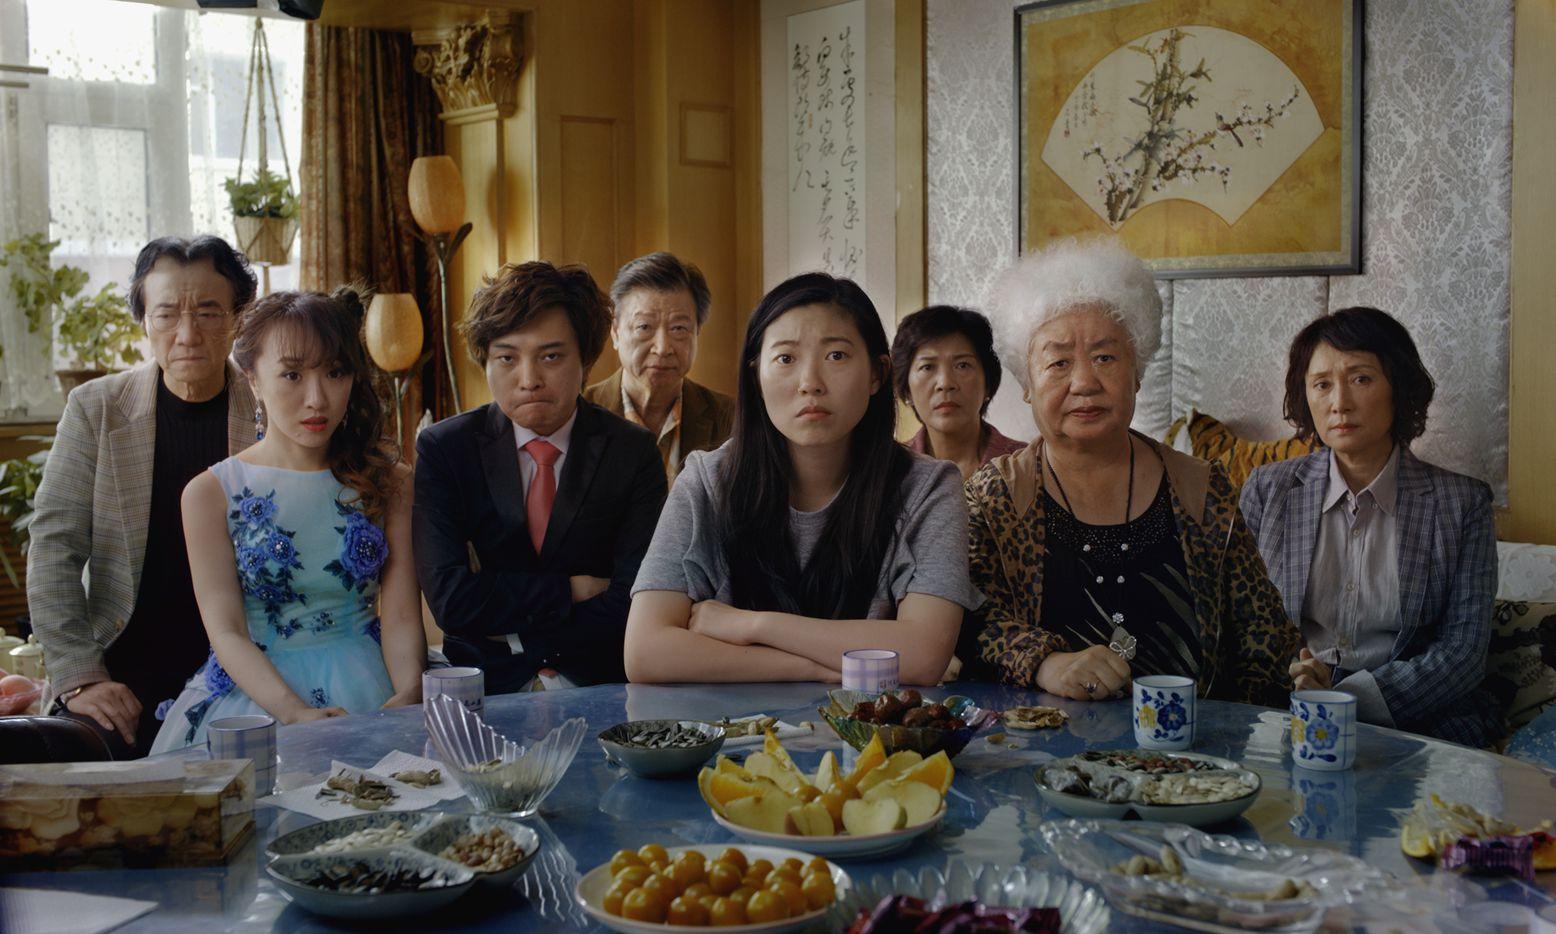 Billi (Awkwafina, center) and her extended family (from left: Jiang Yongbo, Aoi Mizuhara, Chan Han, Tzi Ma, Li Xiang, Lu Hong, Diana Lin) await news at Nai Nai's dining table.